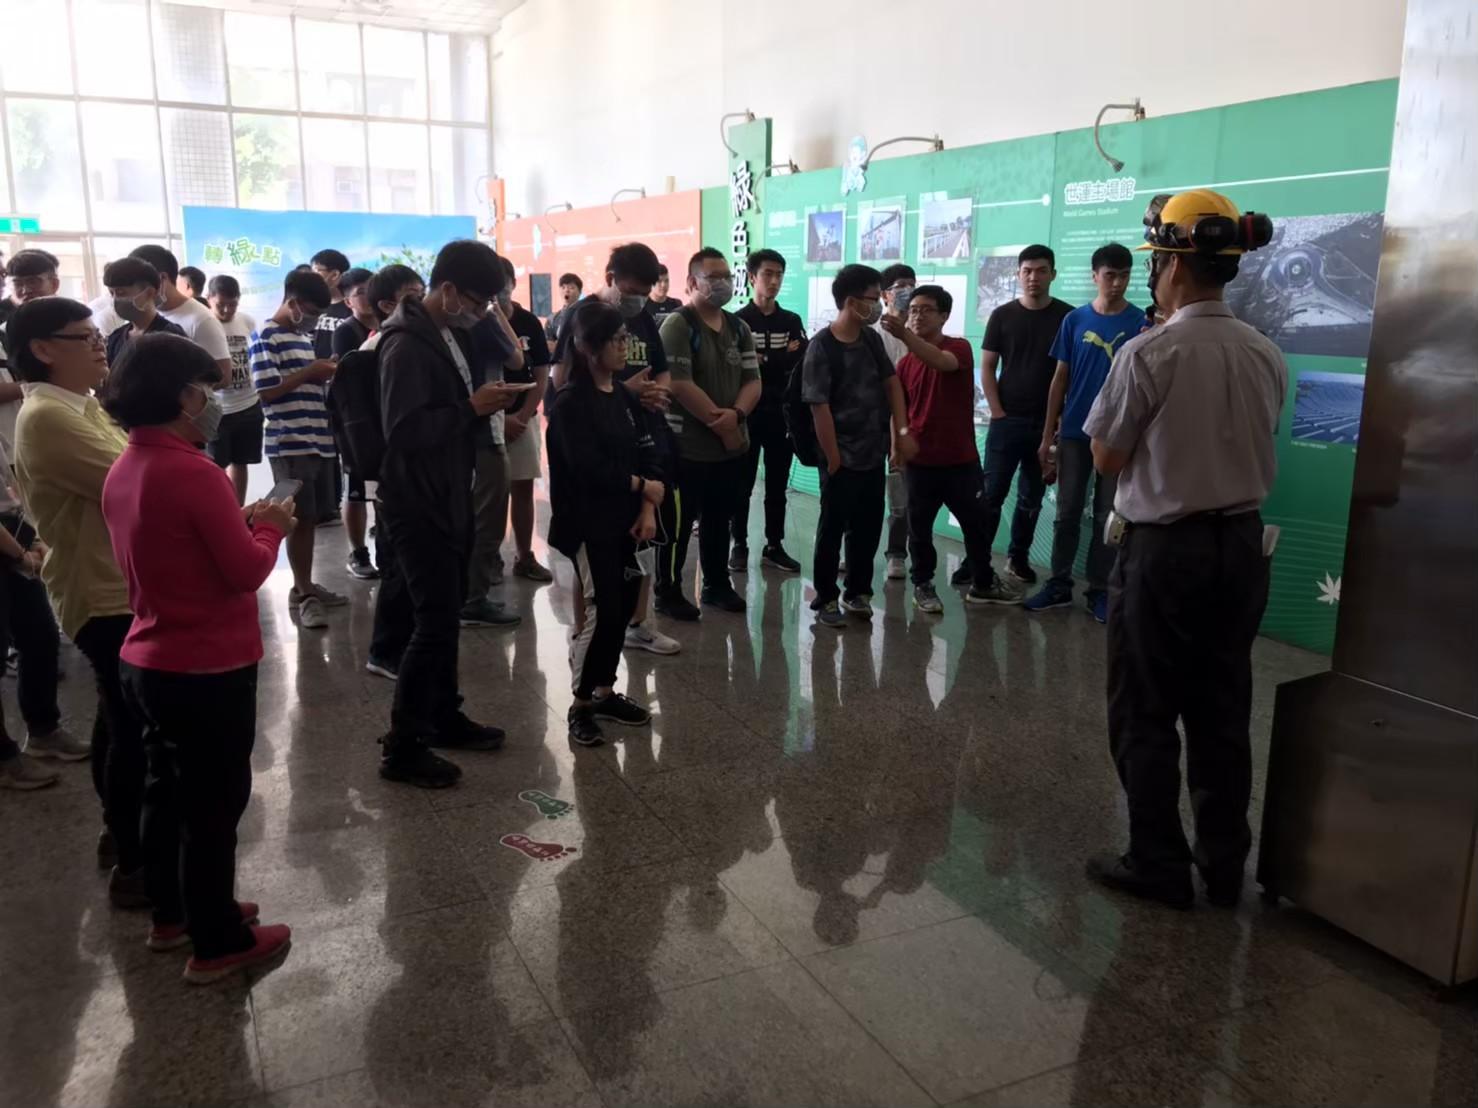 108年10月01日正修科技大學電機工程系到廠進行焚化廠面面觀教案課程,共51名人員參與。